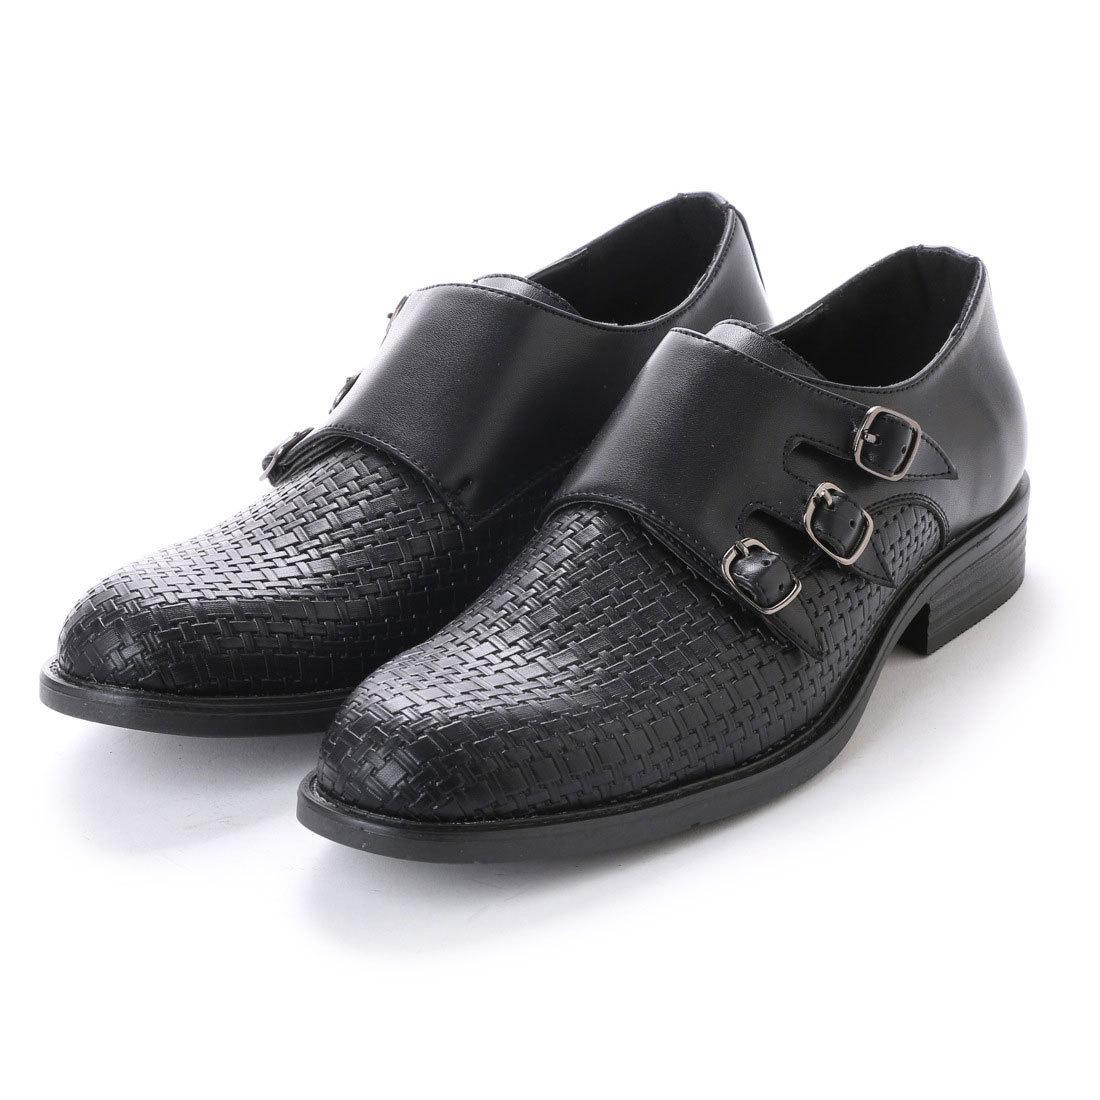 16123 アウトレット ビジネスシューズ 24.5cm ブラック モンクストラップ 型押し メンズ 紳士靴